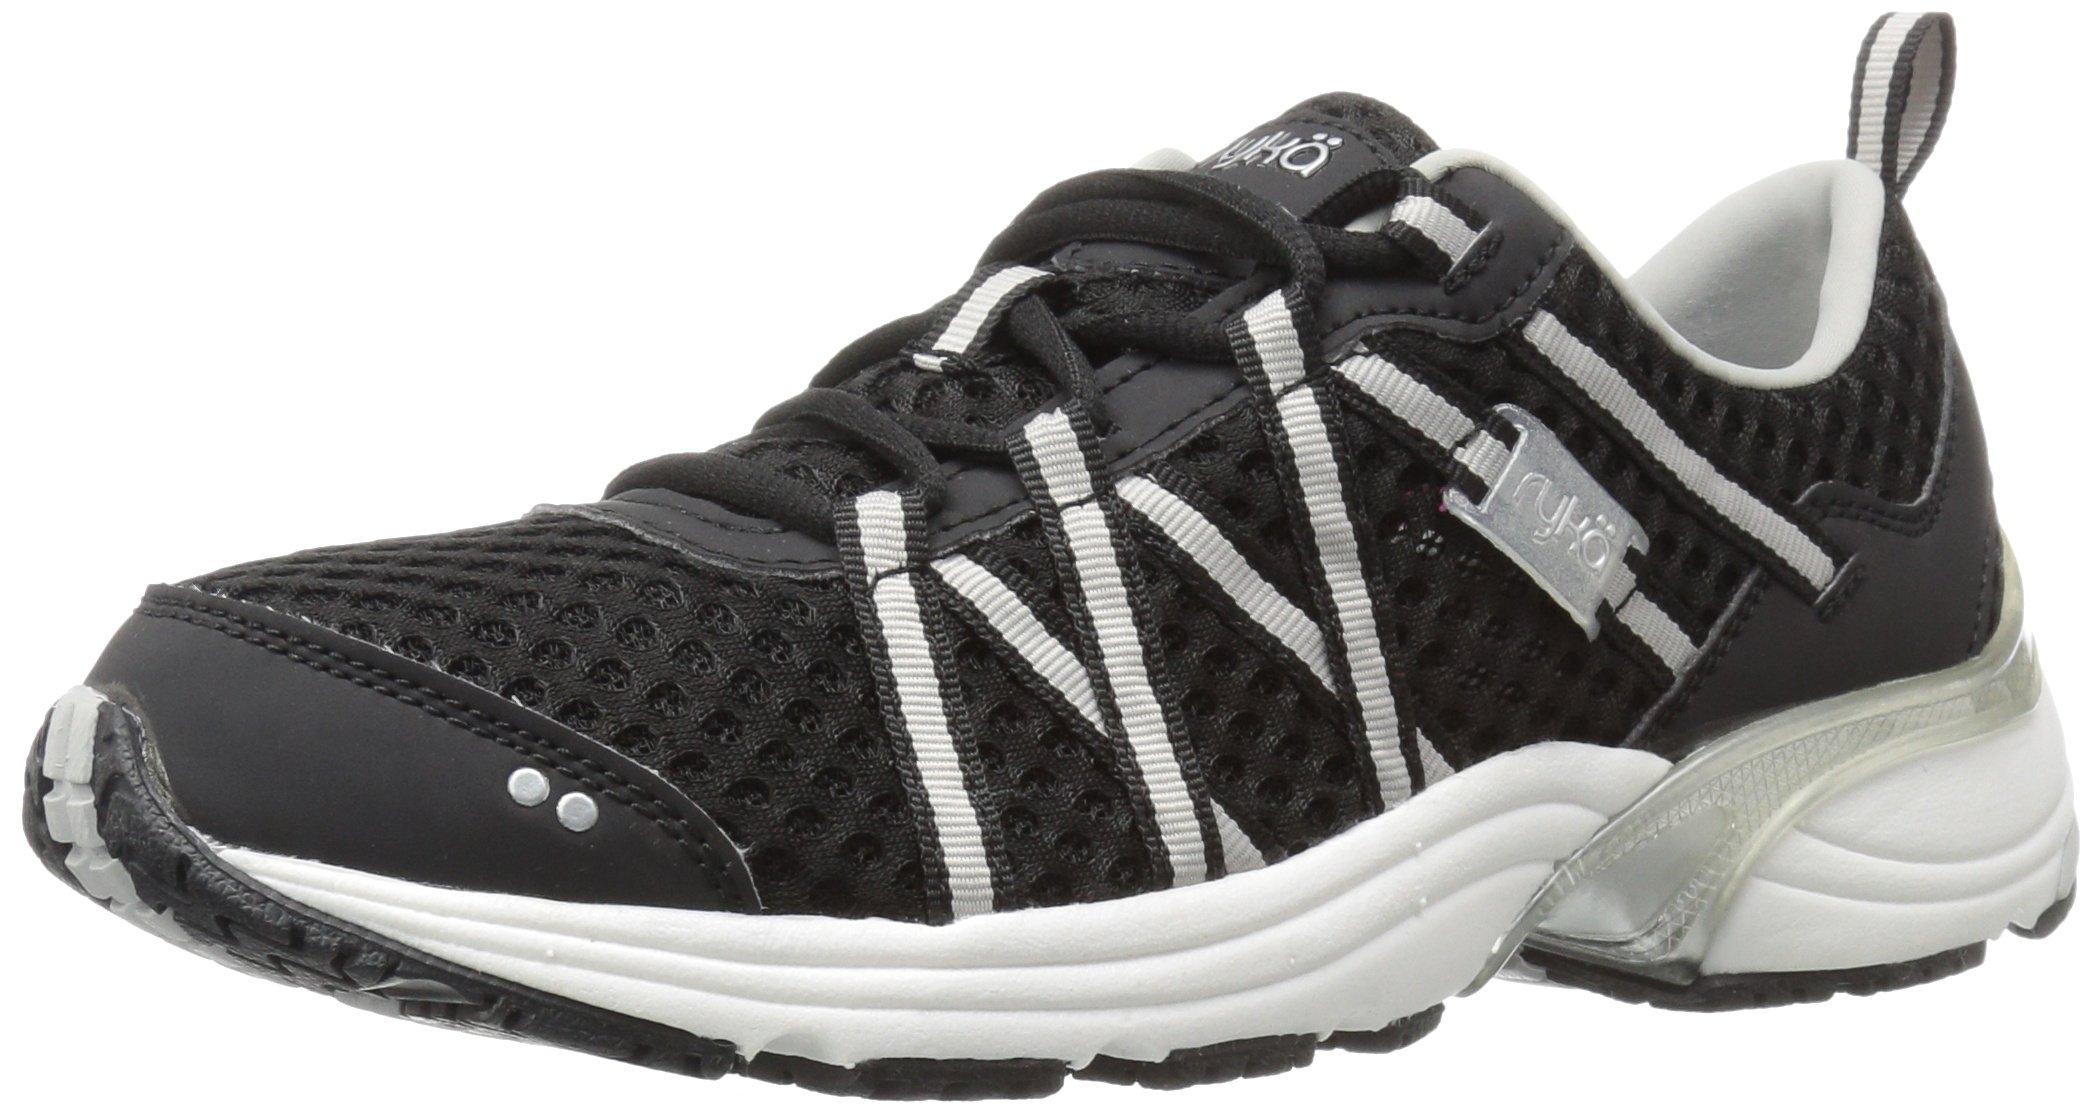 RYKA Women's Hydro Sport Water Shoe Cross Trainer, Black/Silver 5 M US